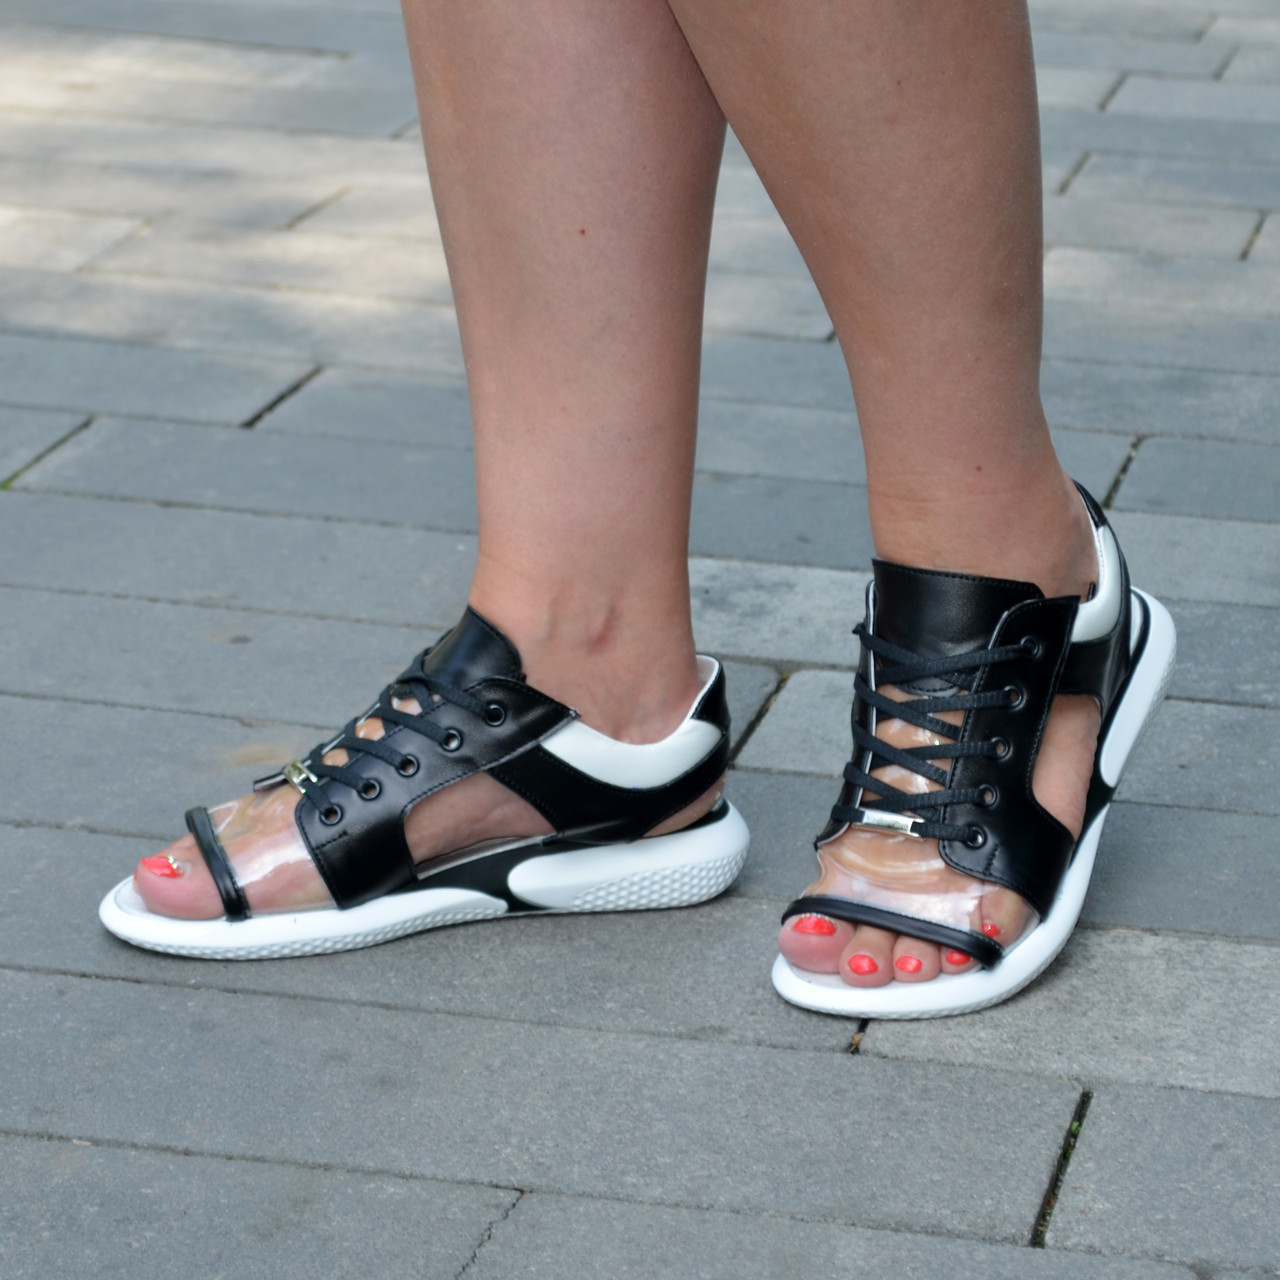 Босоножки спортивные кожаные на шнурках, цвет черный/белый. 37 размер